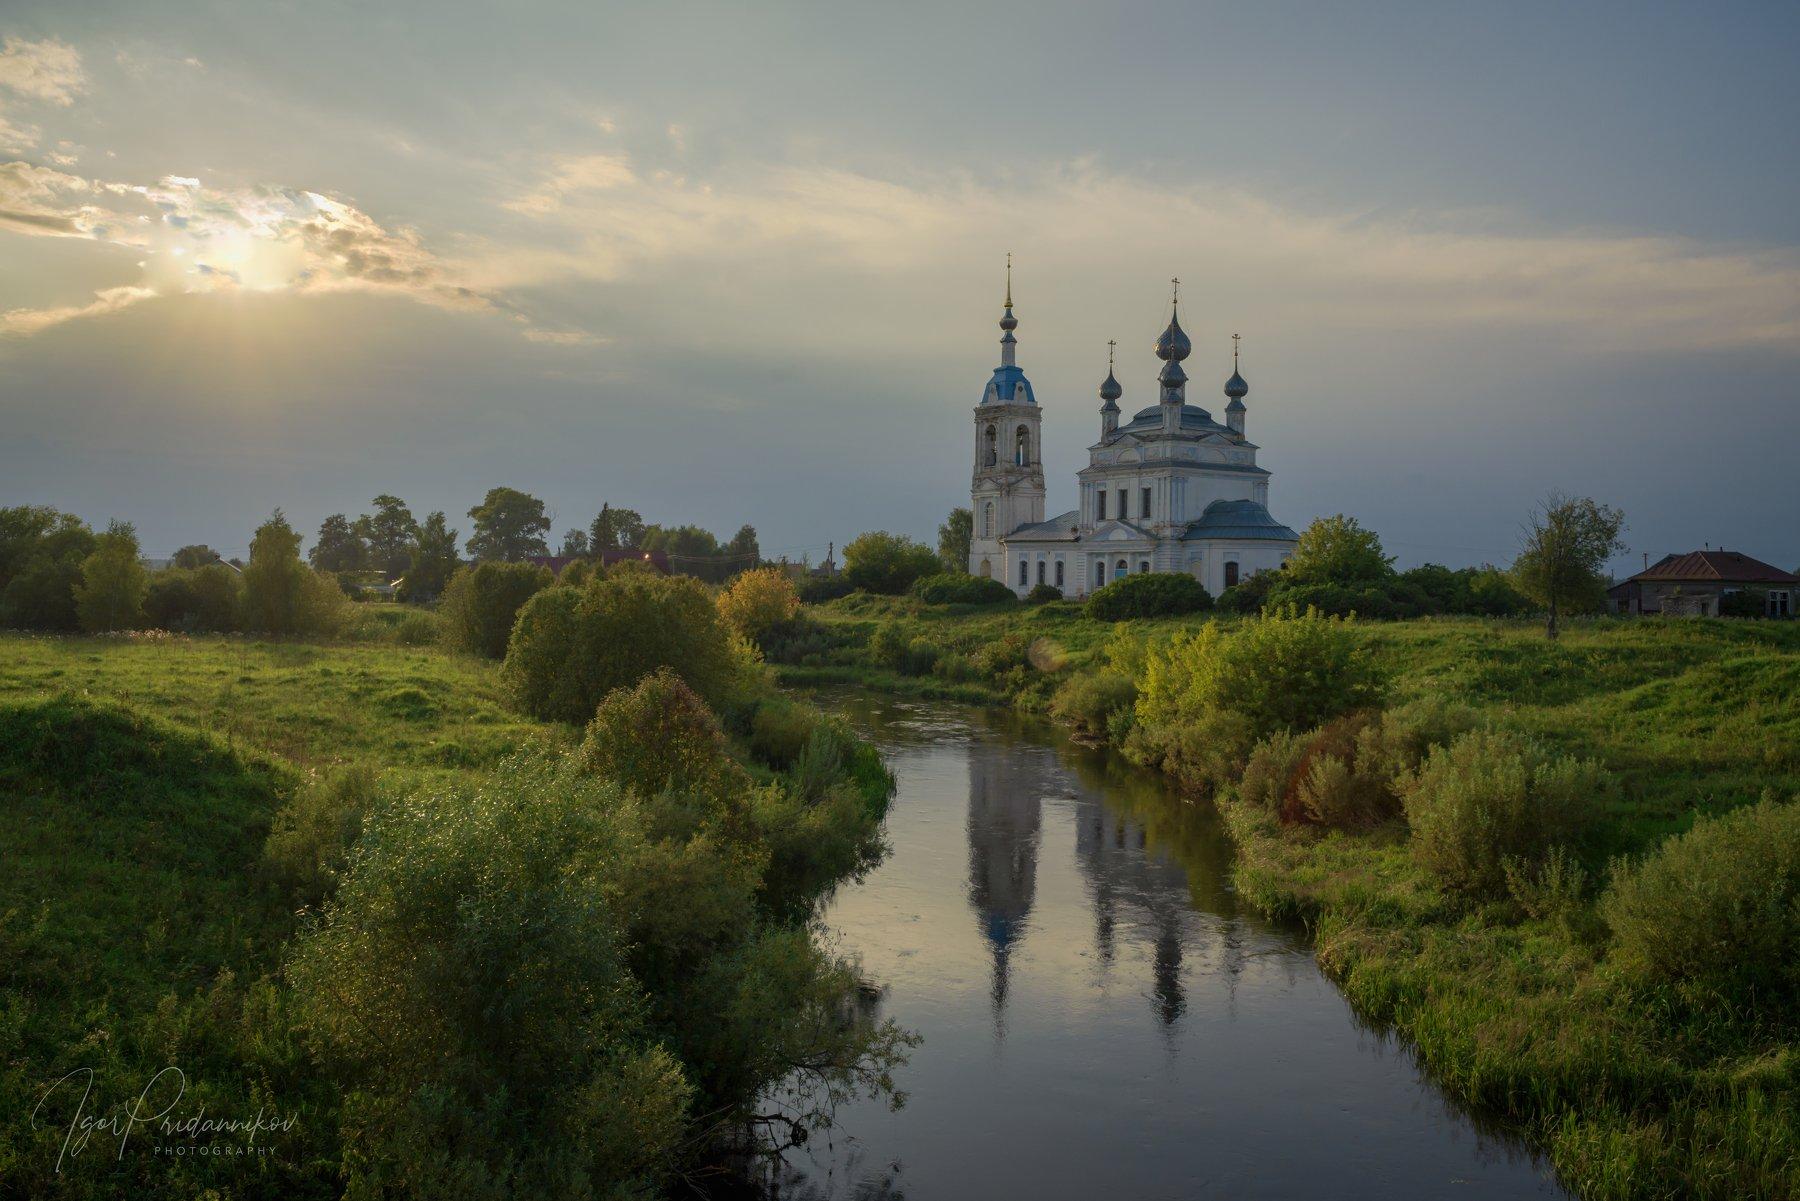 церковь, вечер, савинское, речка, устье, Приданников Игорь